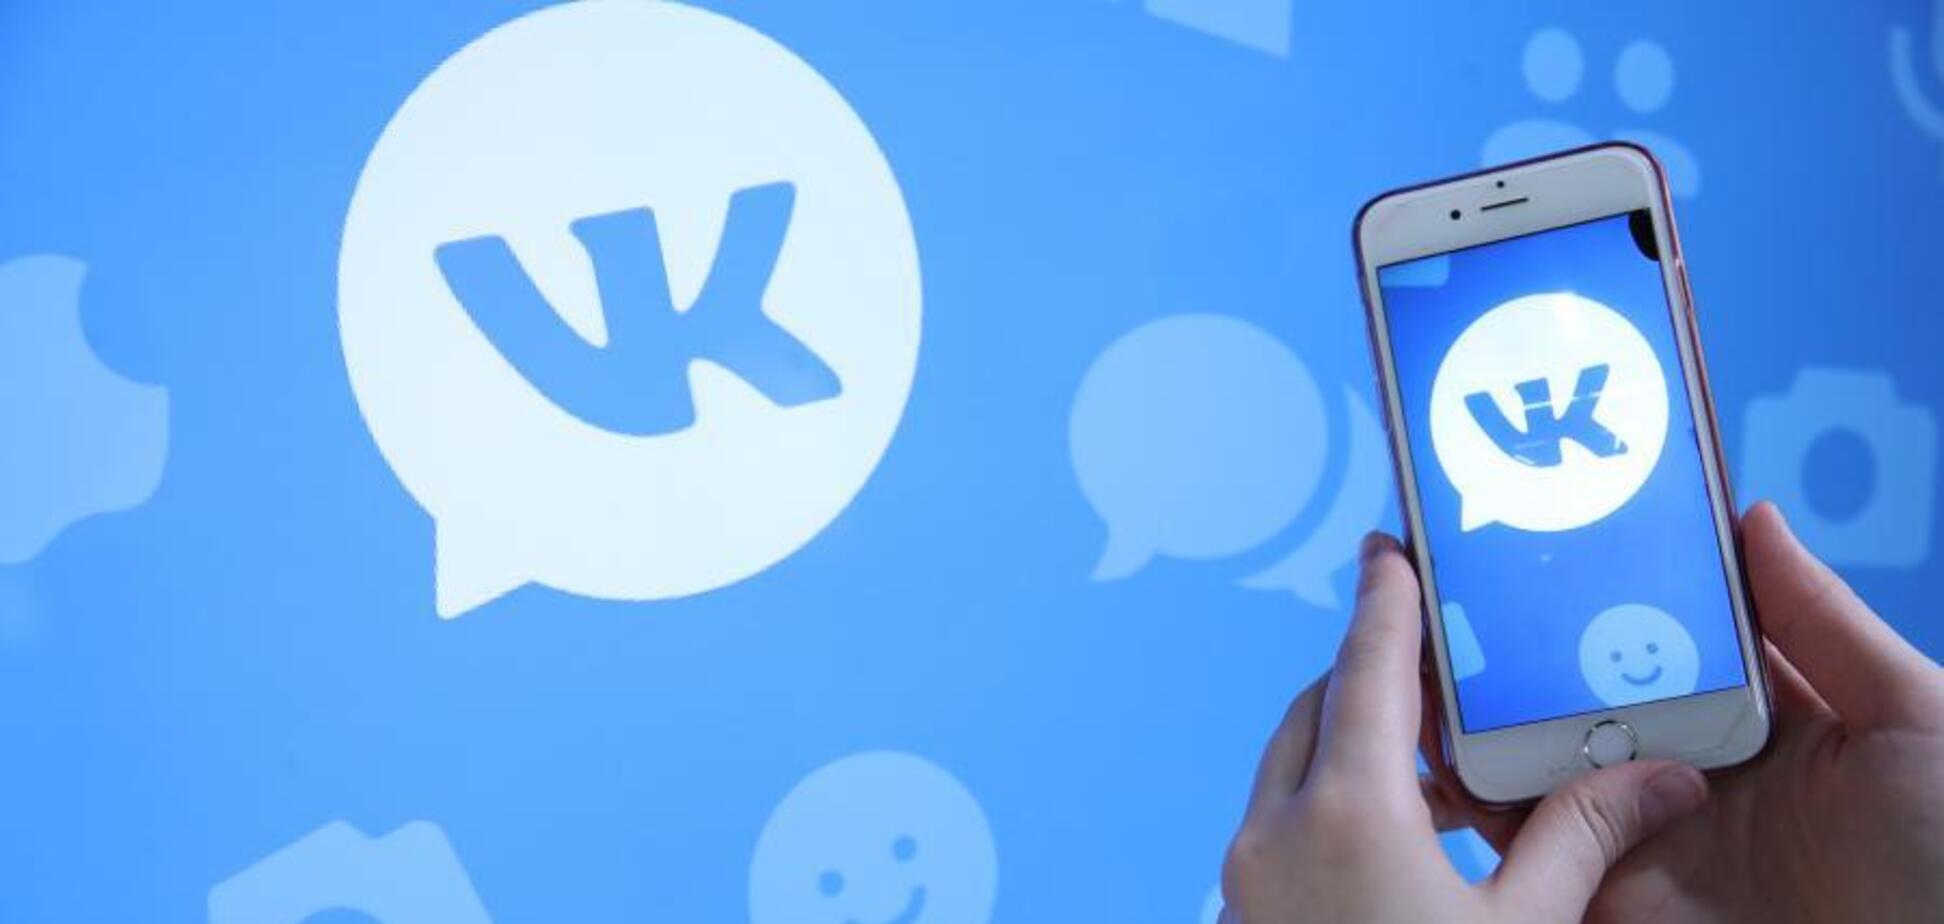 Українцям хочуть обмежити доступ до додатків 'ВКонтакте'. Ілюстрація